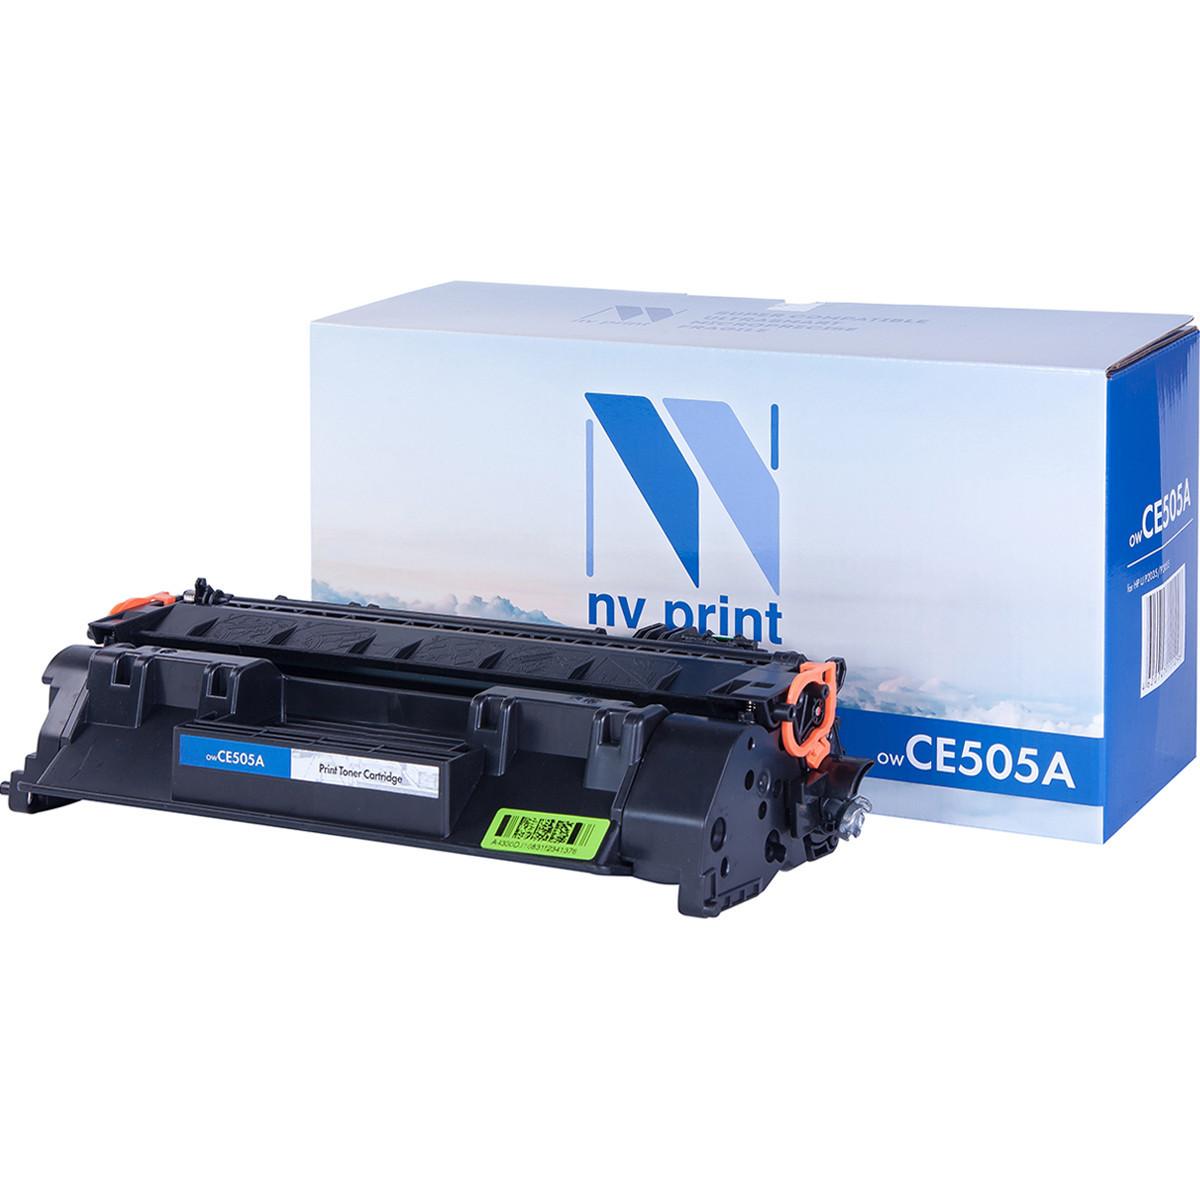 Картридж NVP совместимый HP CE505A для LaserJet P2035/P2035n/P2055/P2055d/P2055dn/P2055d (2300k)